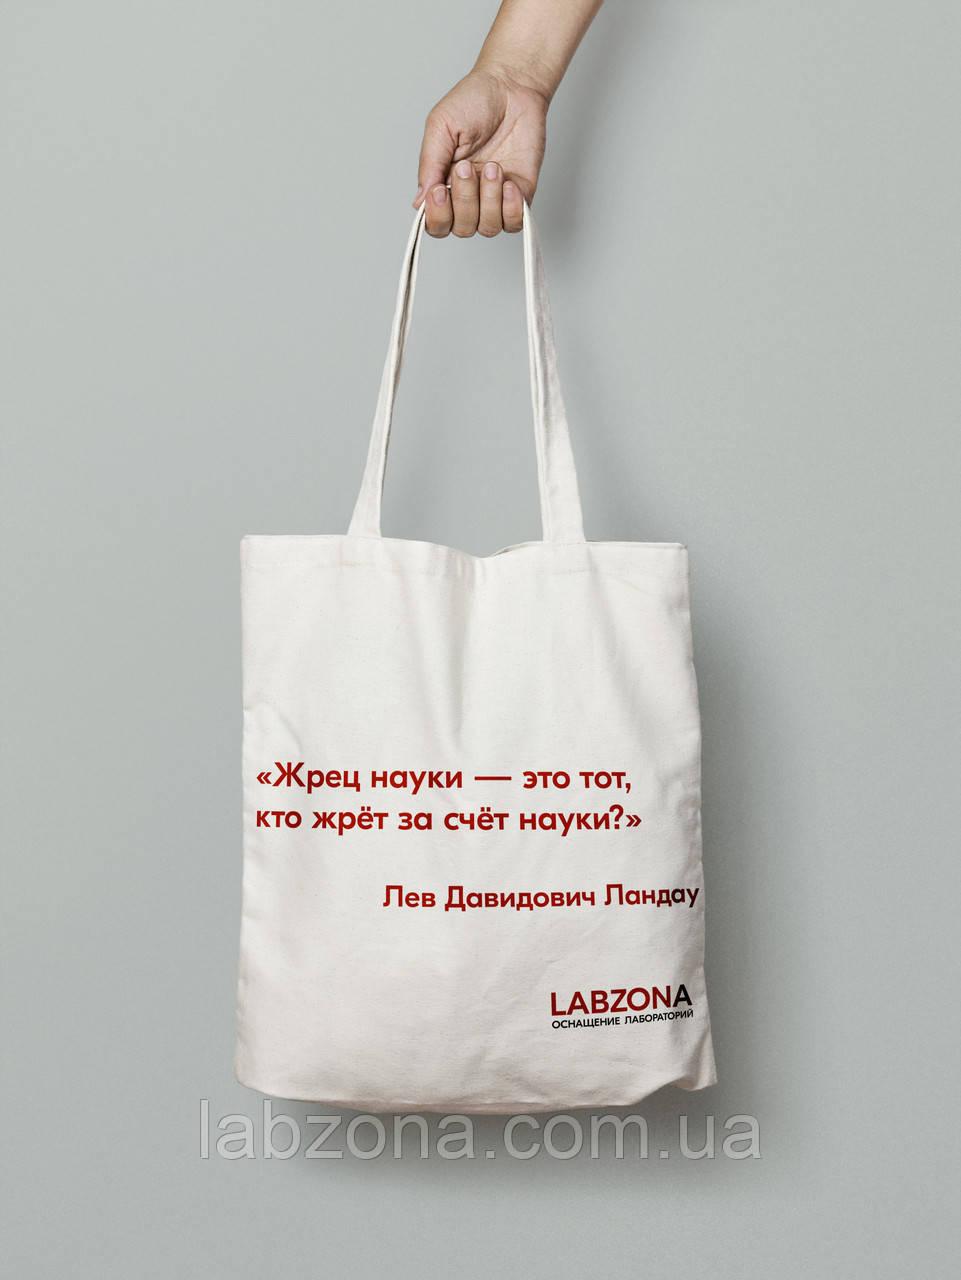 Фирменная экосумка Лабзона. Подарок